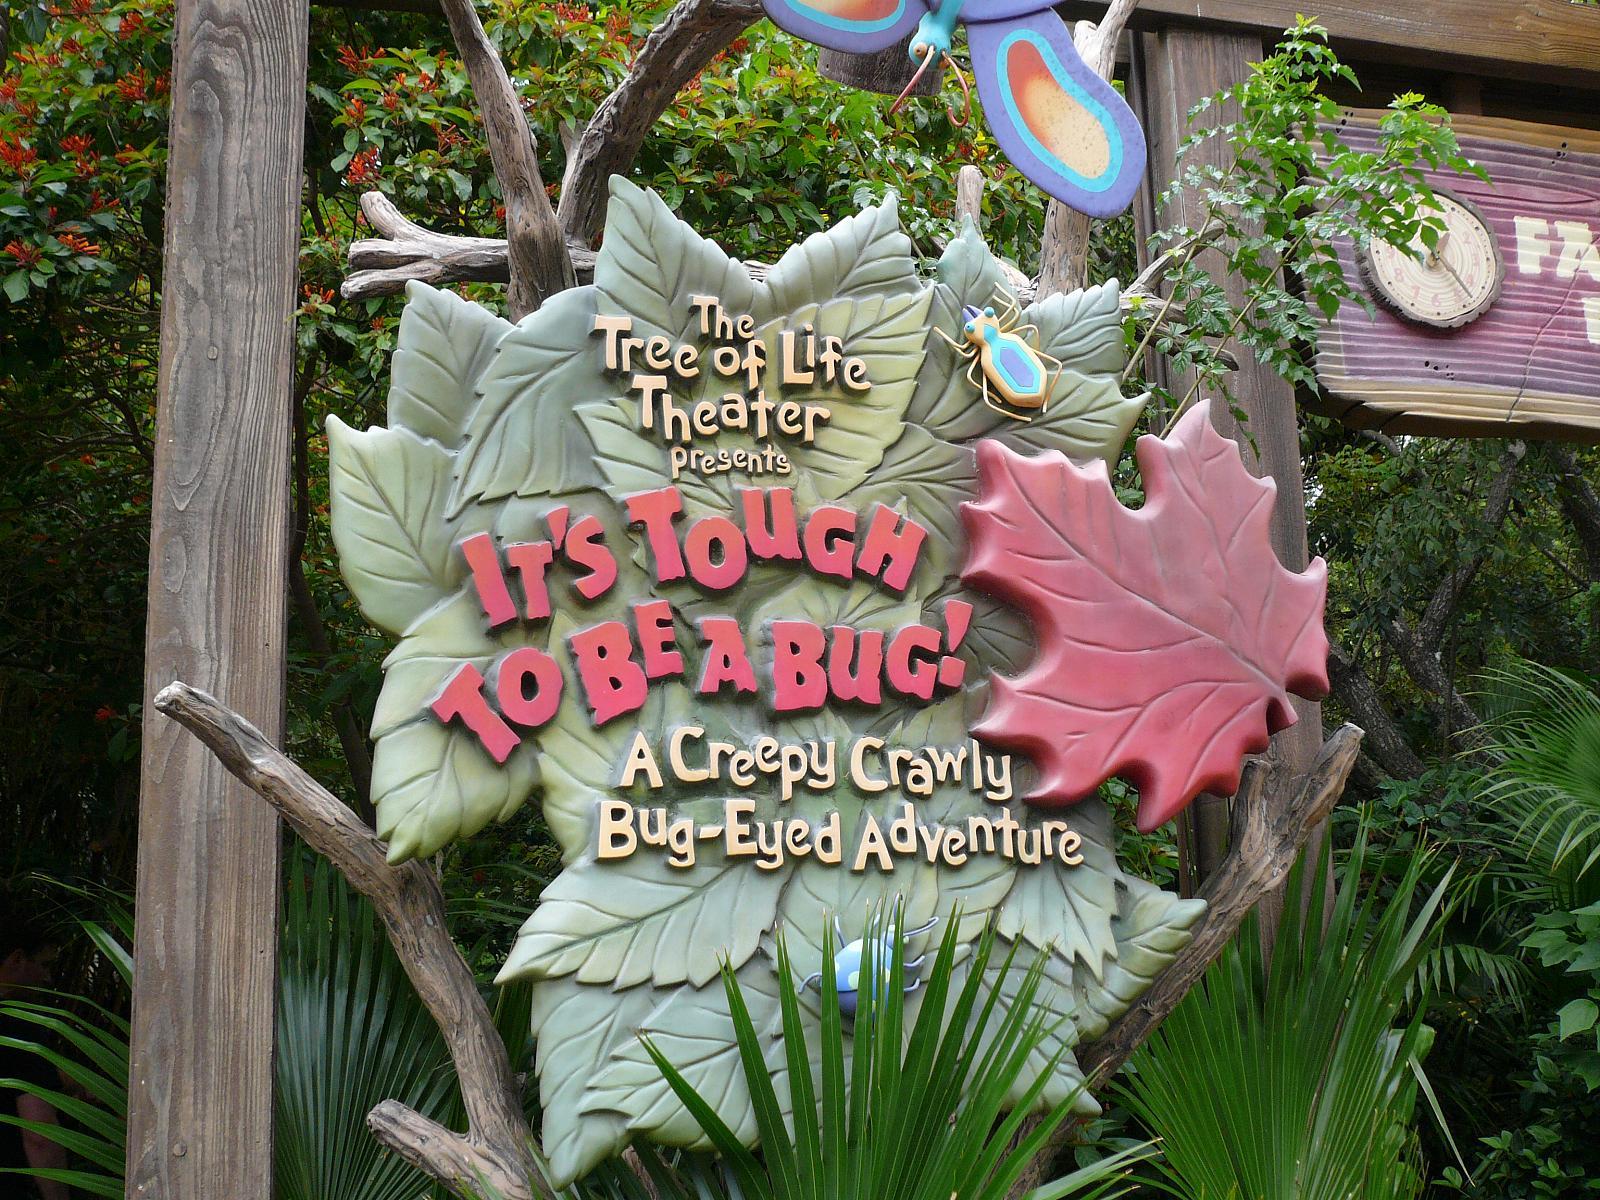 Dicas do Parque Animal Kingdom